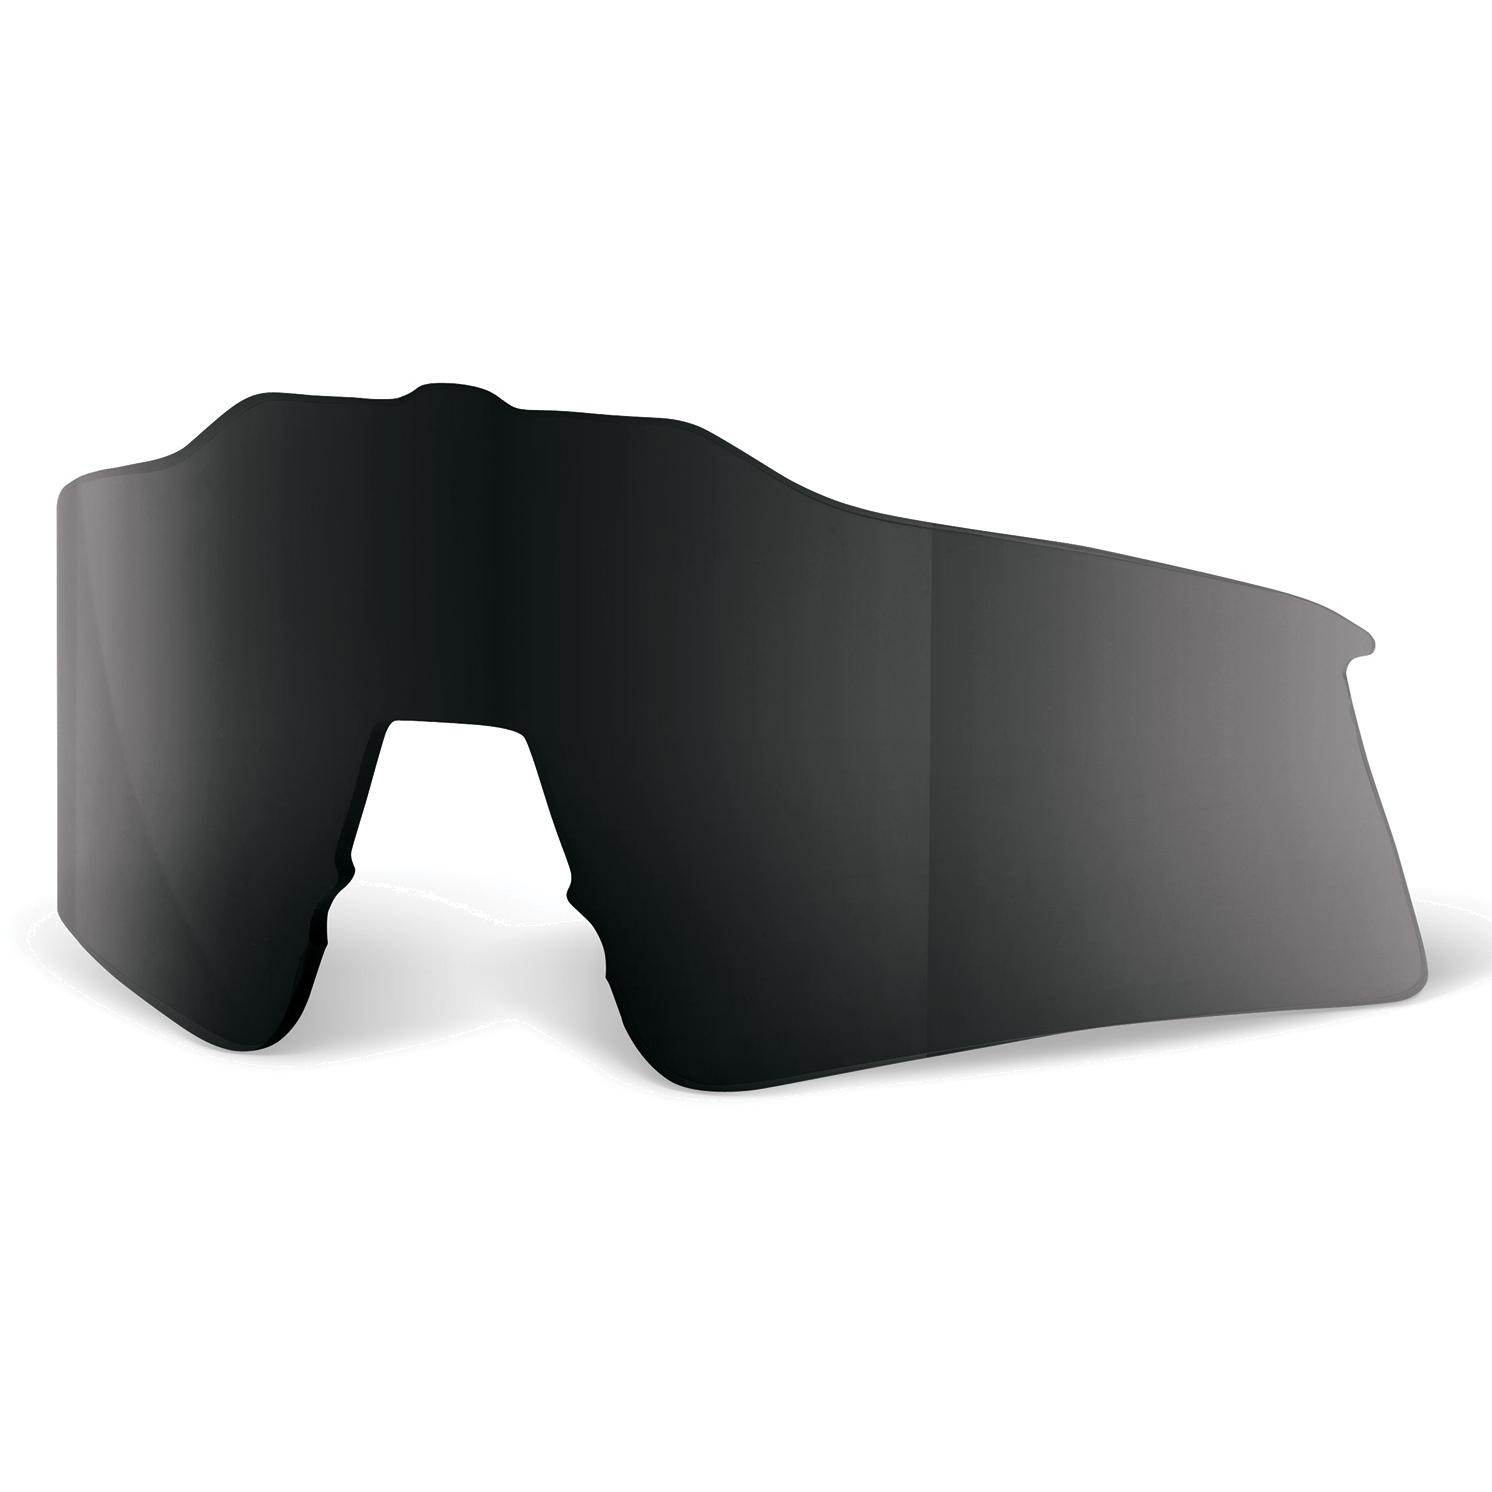 100% Speedcraft Small Lente de repuesto - Mirror - Black